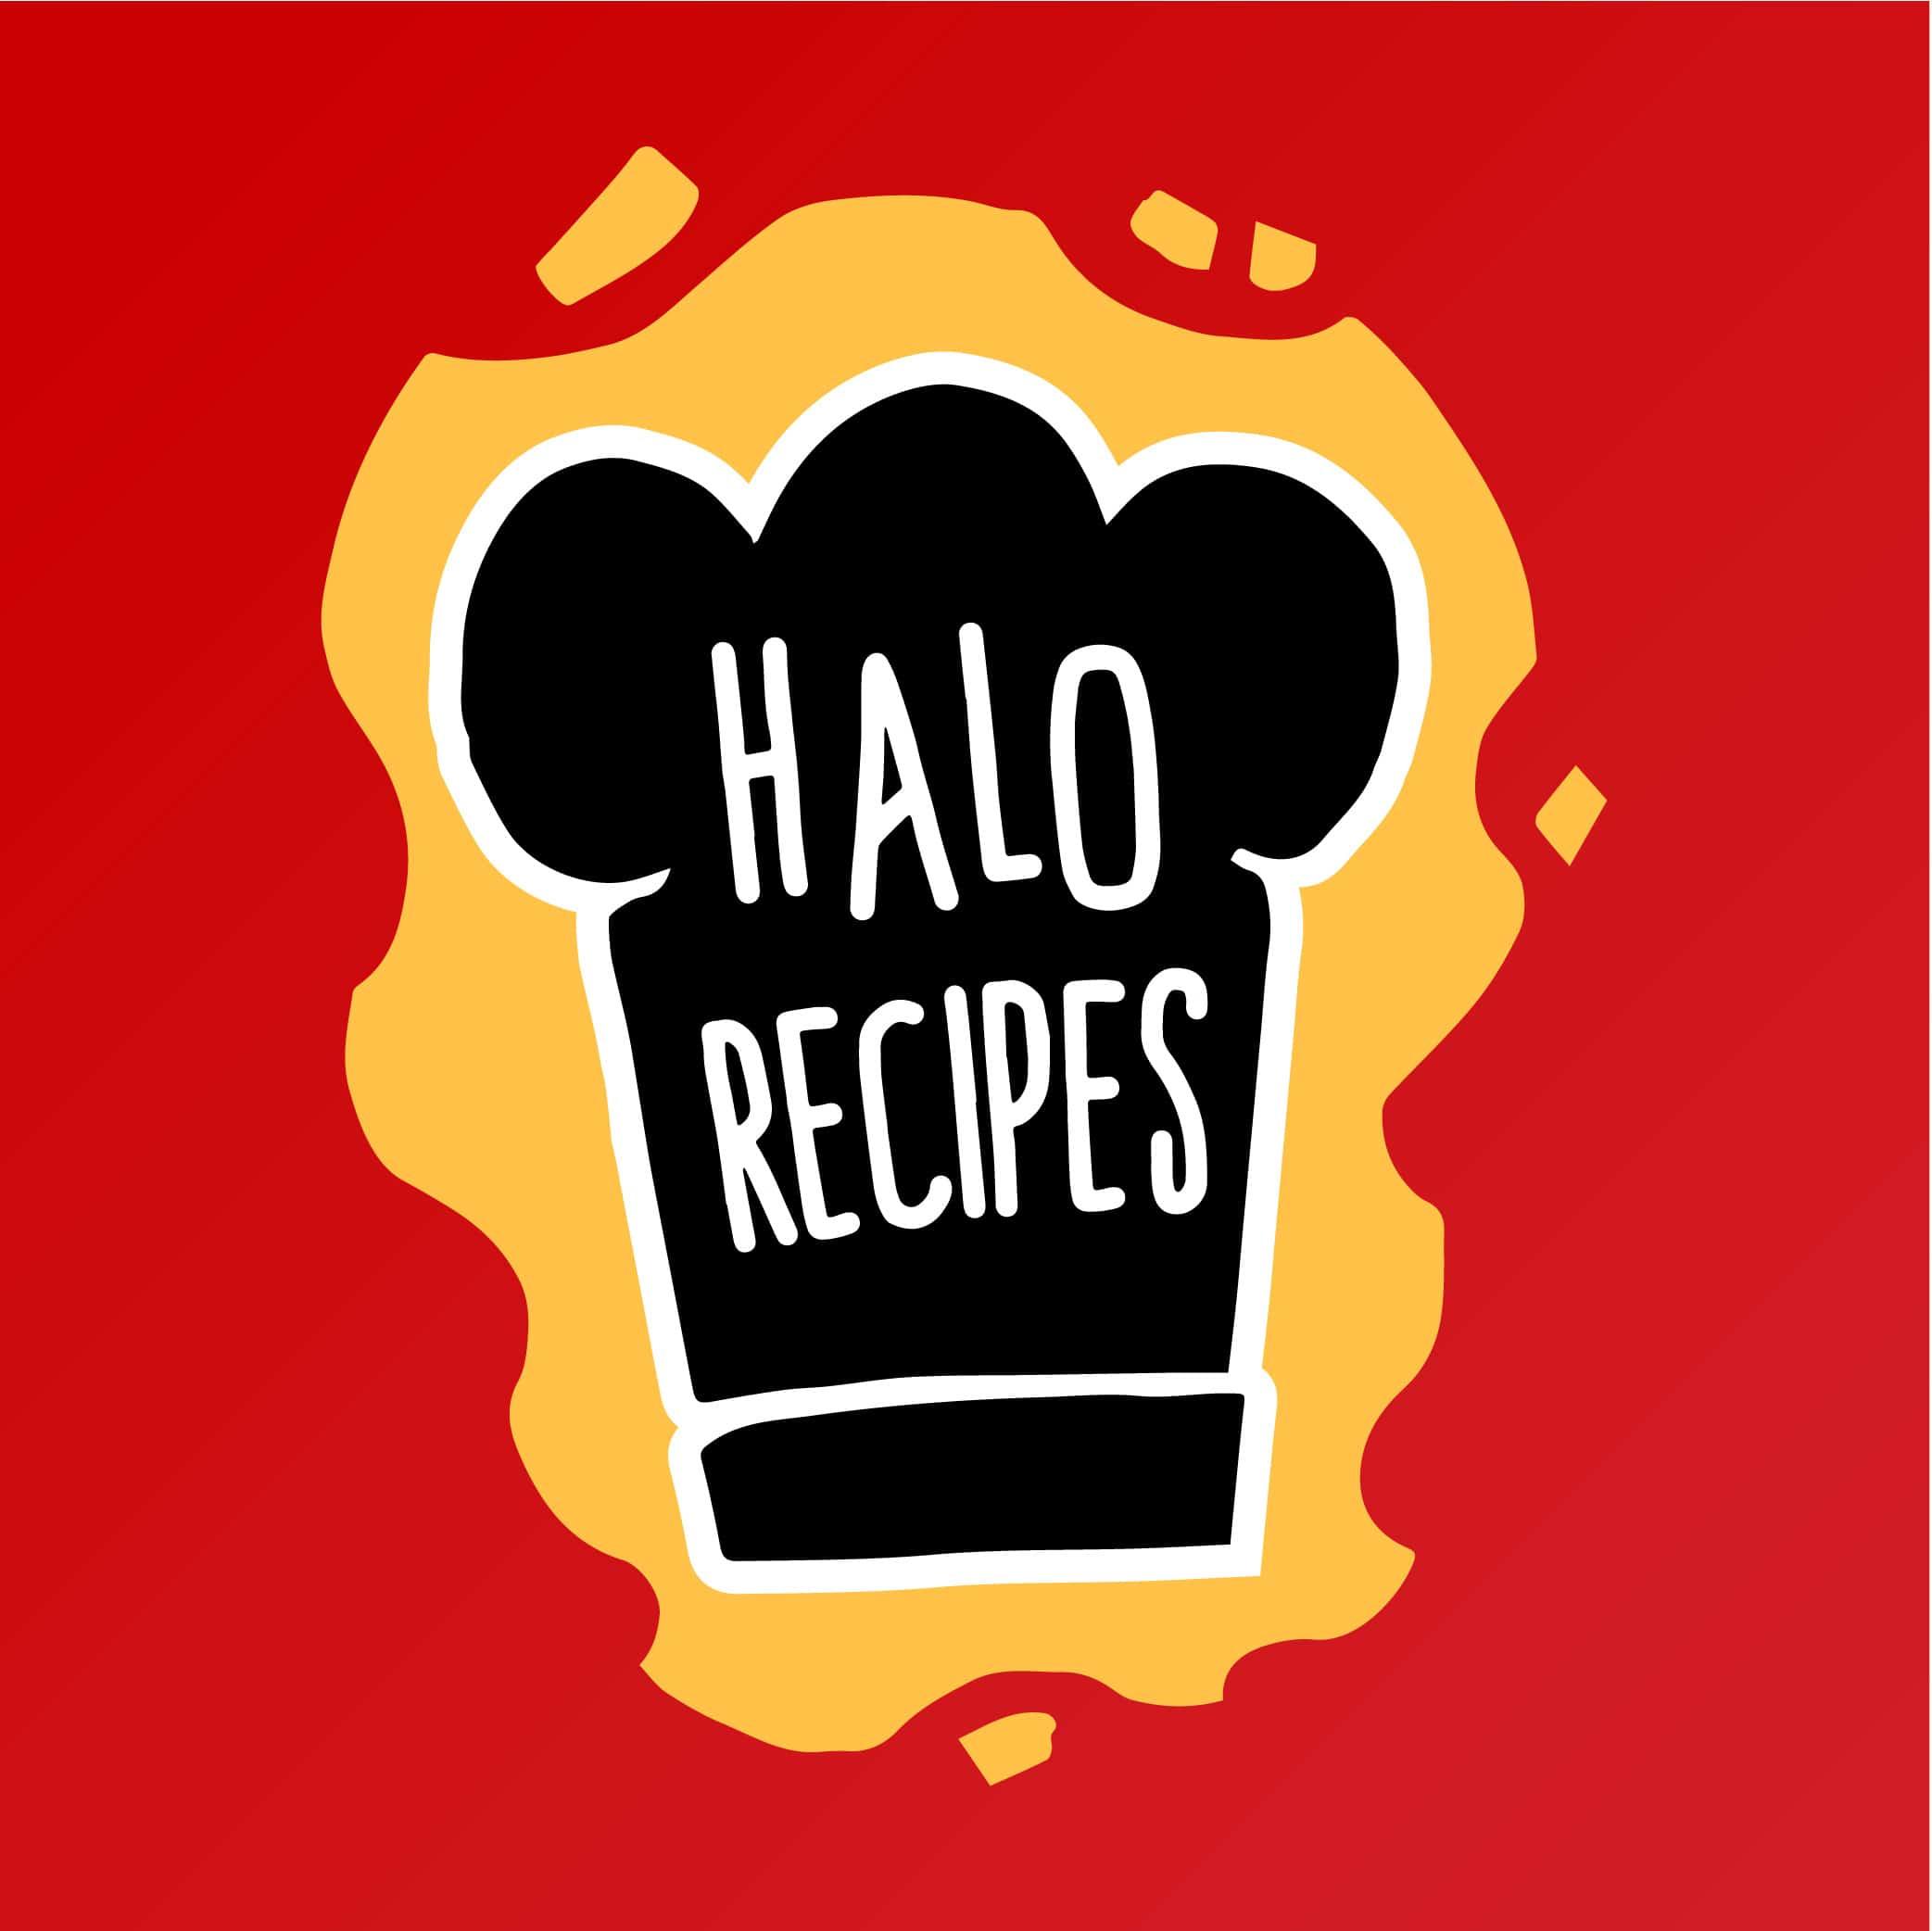 HALO RECIPES